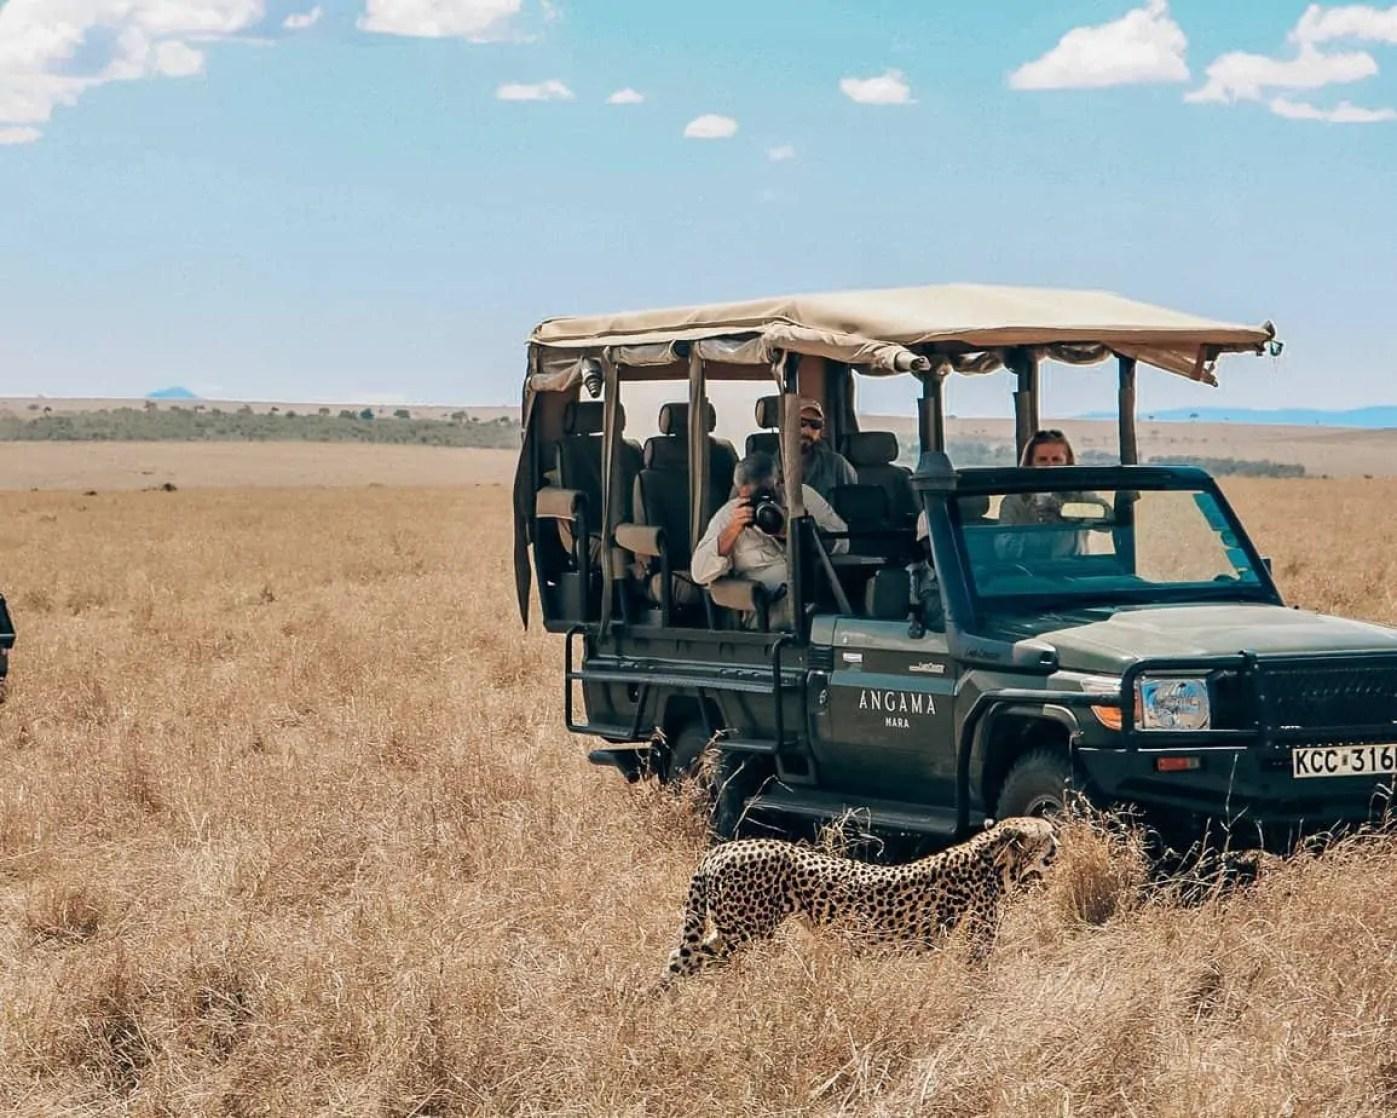 cheetah spotting safari masai marai